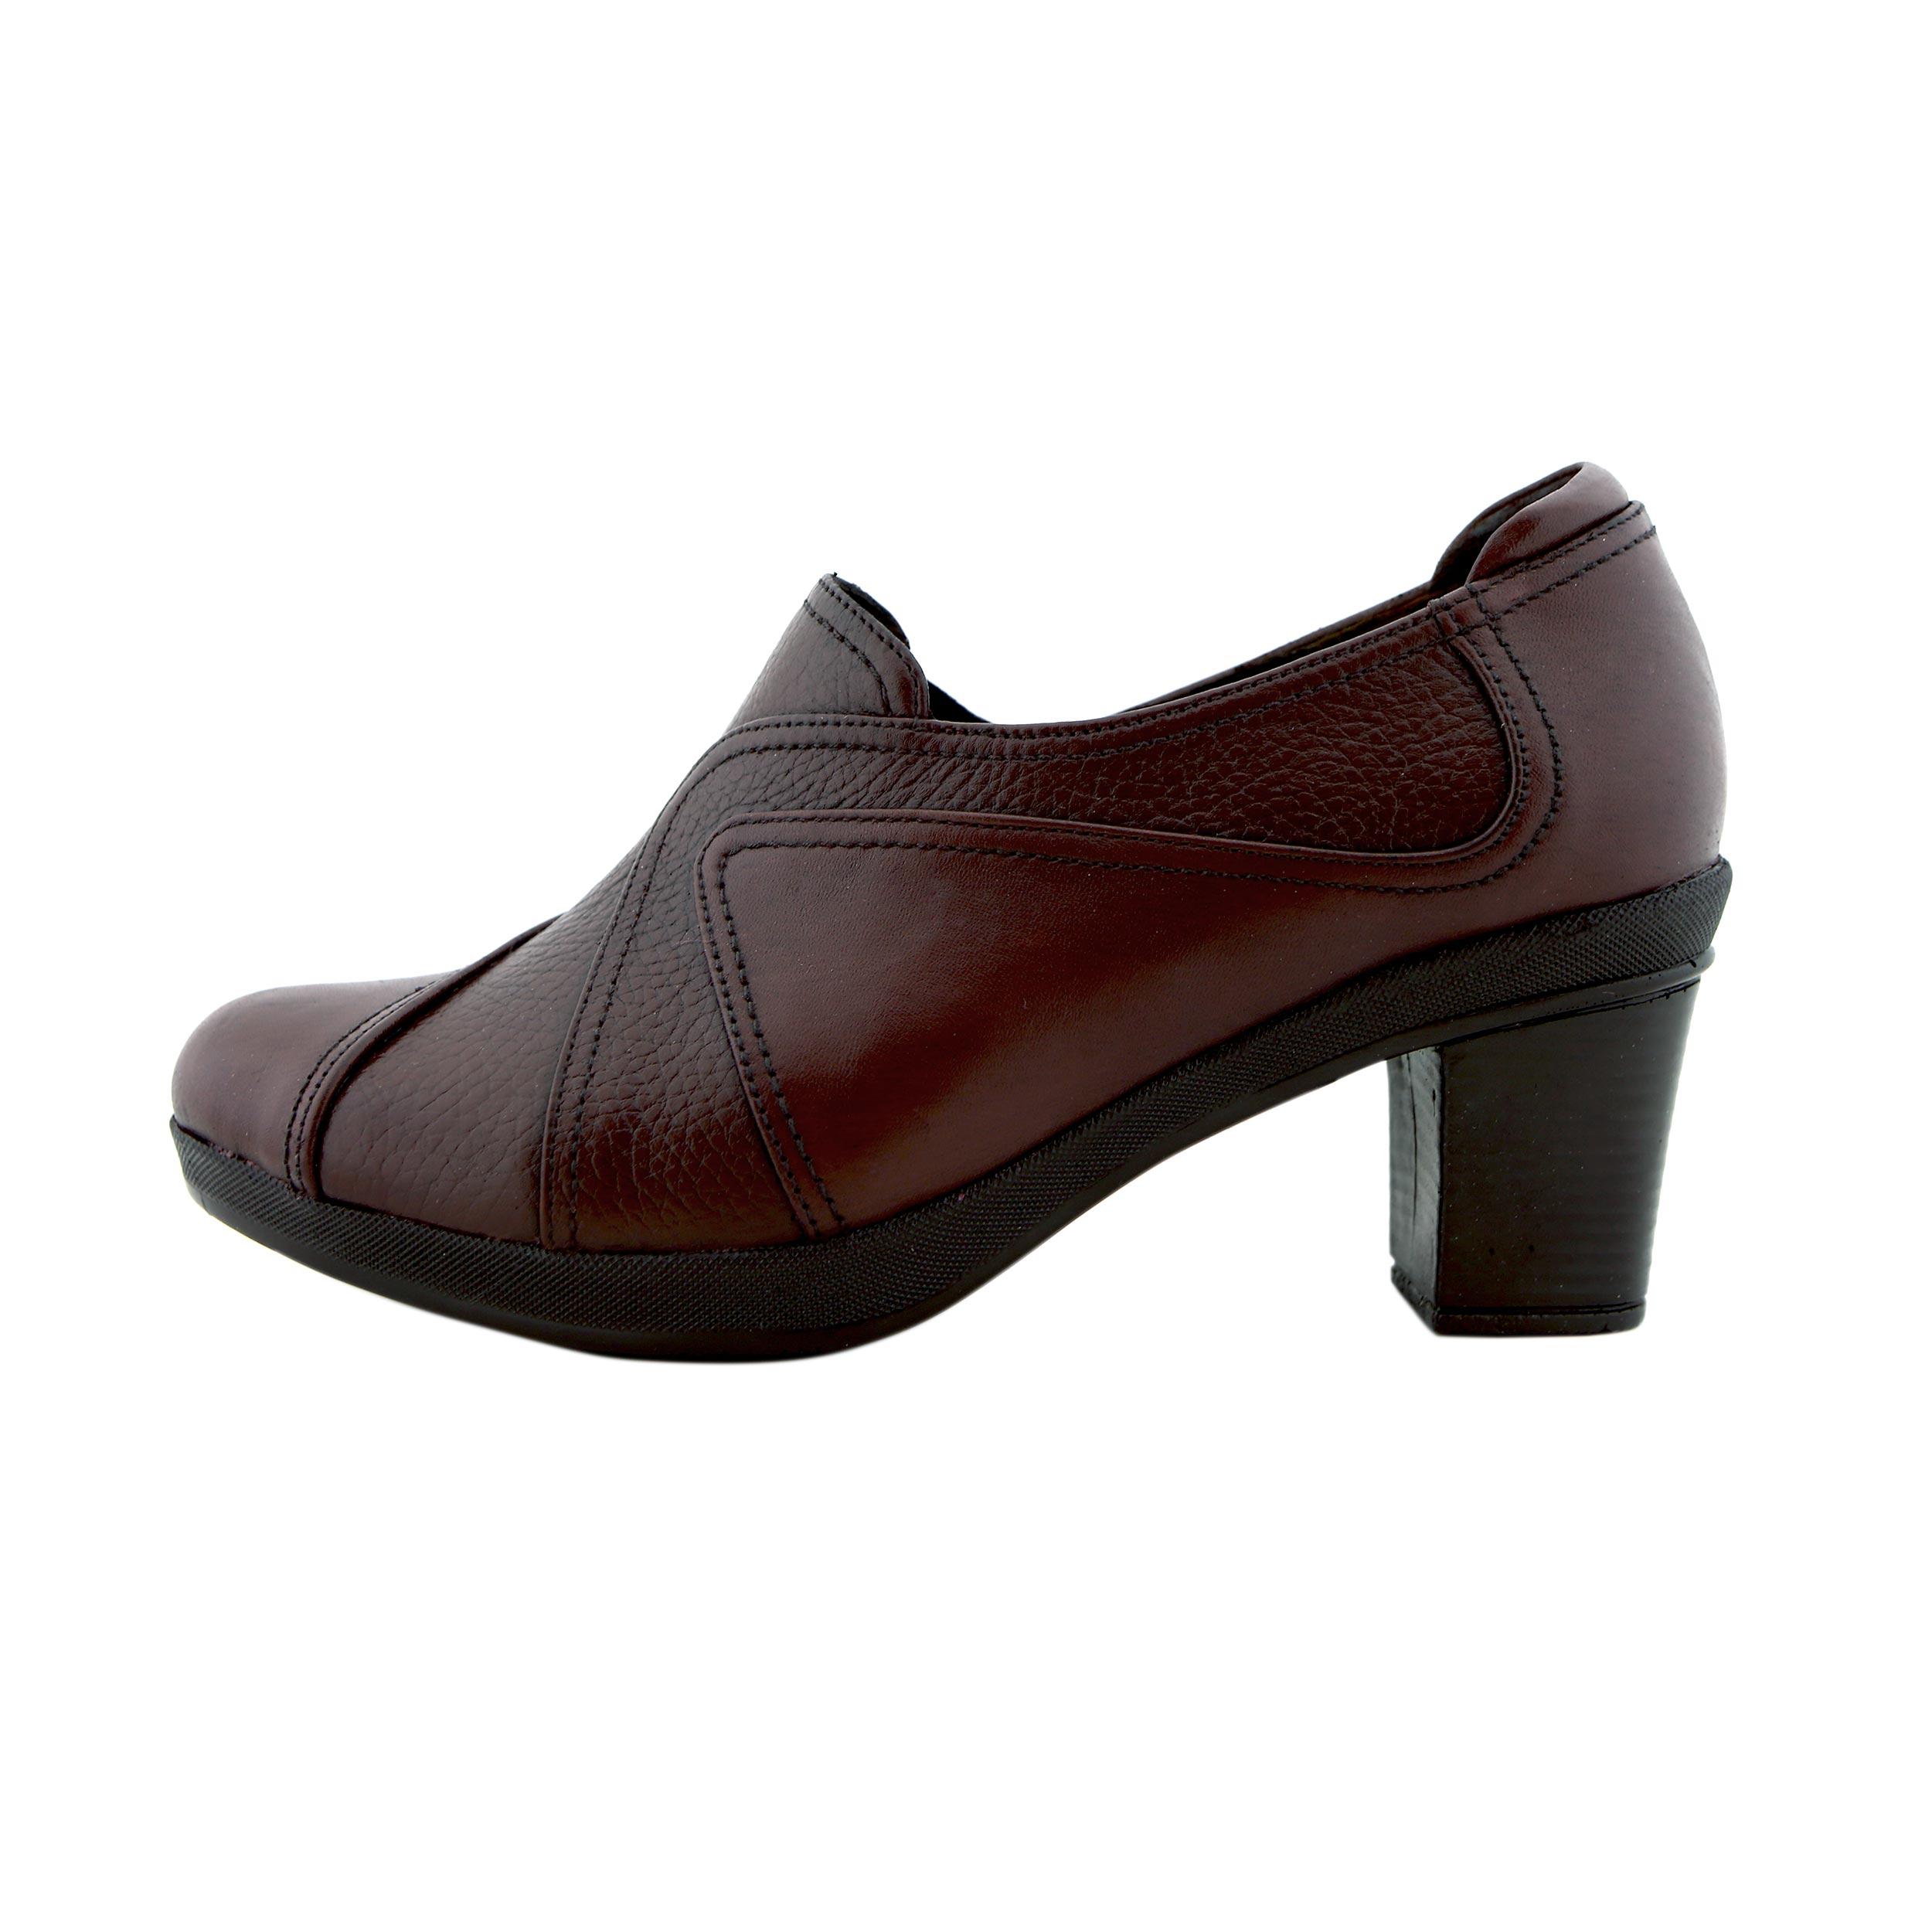 خرید                      کفش زنانه روشن مدل غزاله کد 22